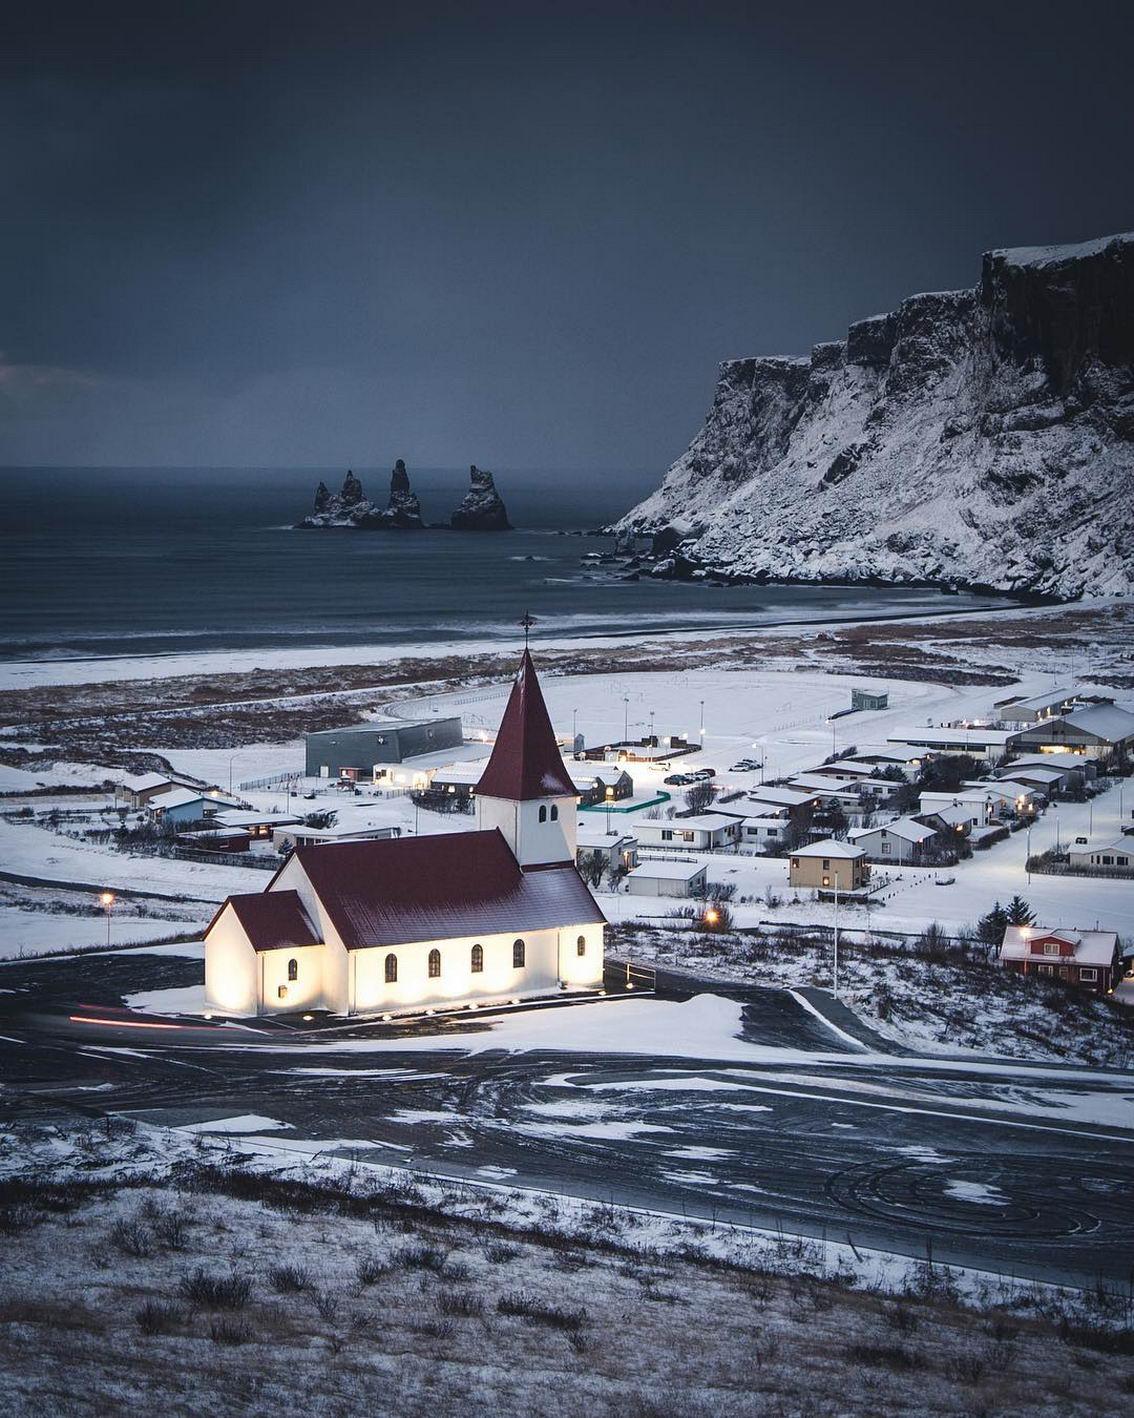 Красивые пейзажные фотографии Денниса Шмельца (25 фото)